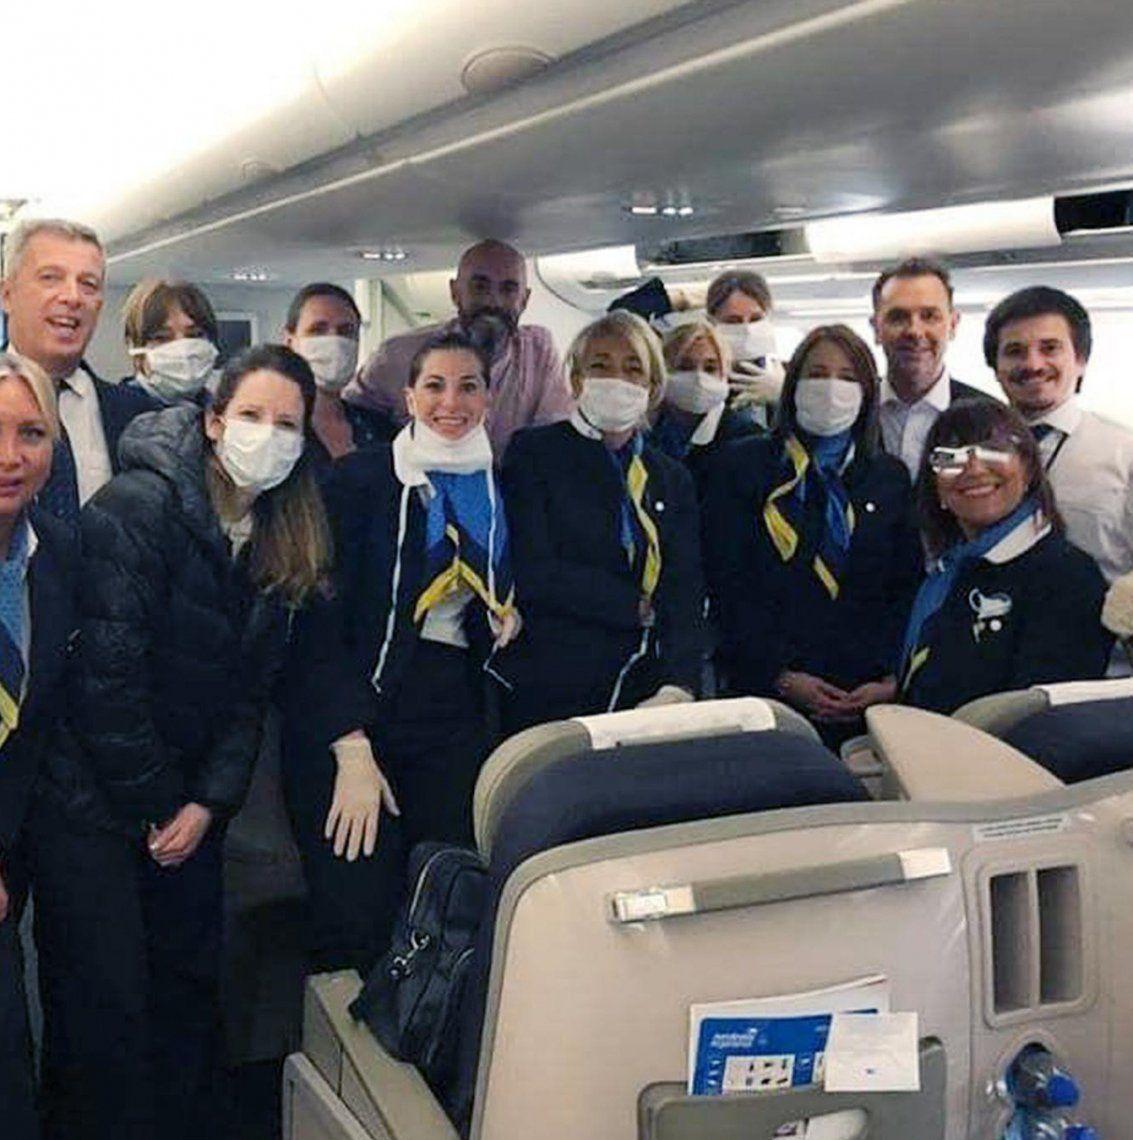 TRansportistas y tripulaciones que lleguen al país deberán cumplir con nuevos requisitos para prevenir contagios de coronavirus